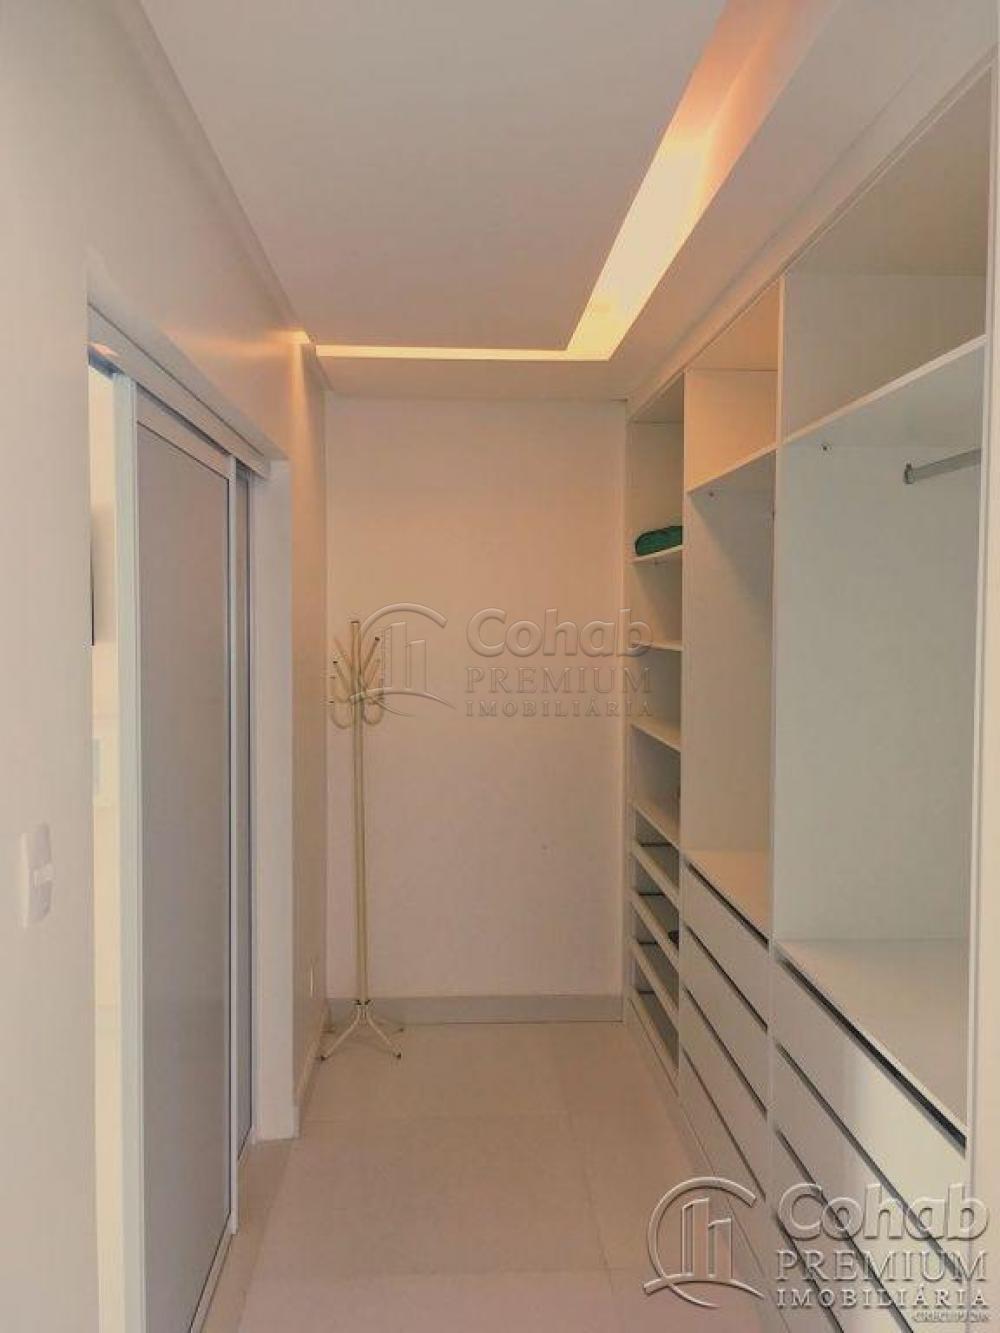 Comprar Casa / Condomínio em Aracaju apenas R$ 2.250.000,00 - Foto 20